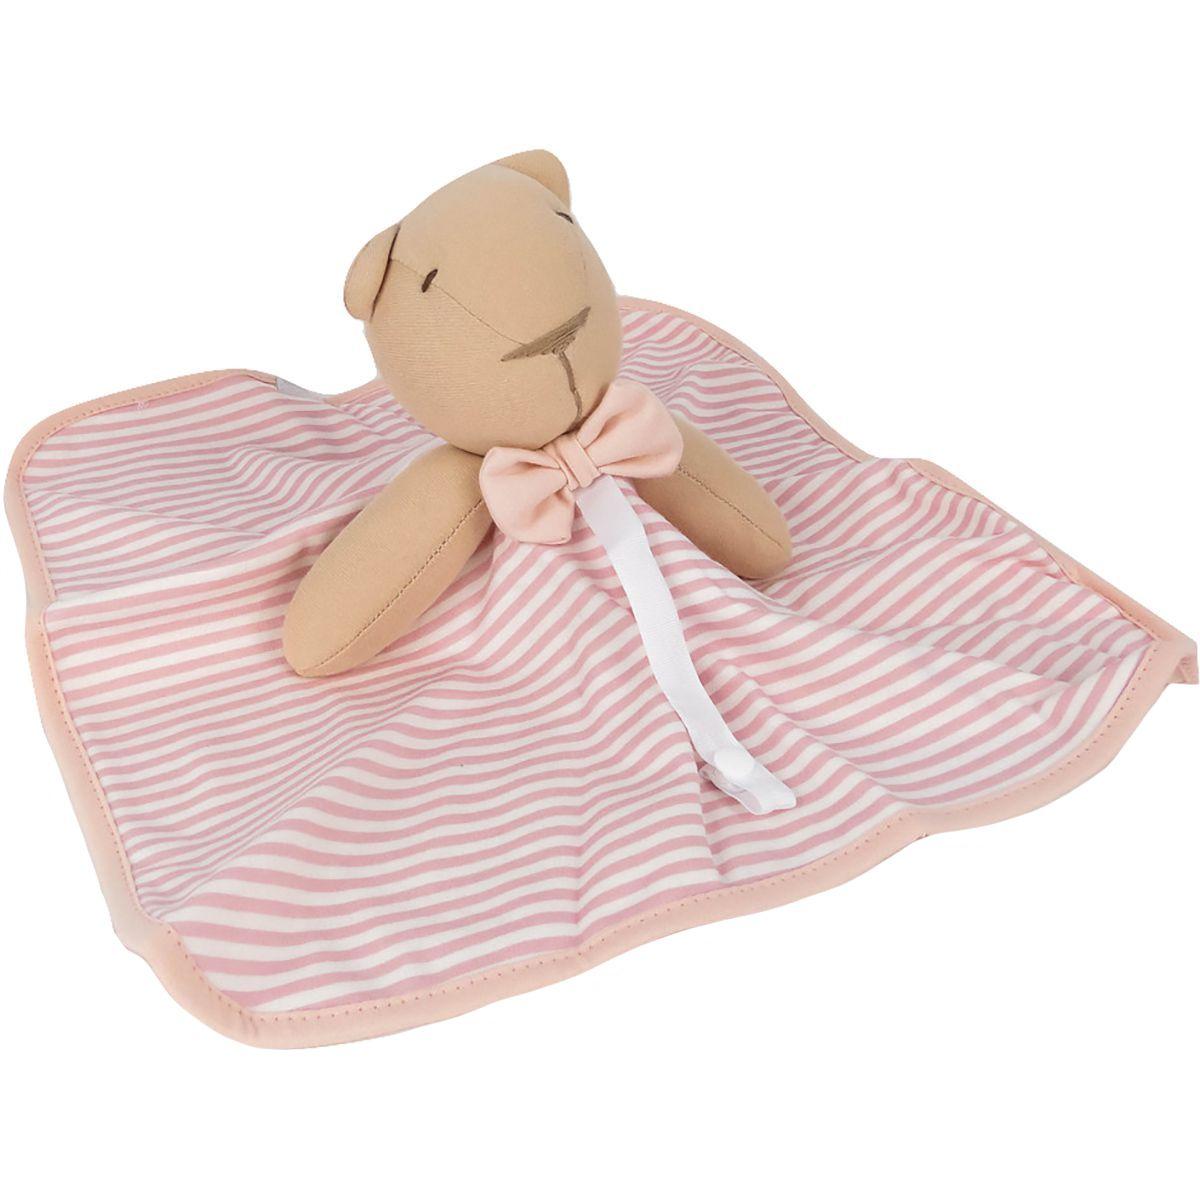 Naninha Hug Bebe Little Dreamer Azul ou Rosa E11408